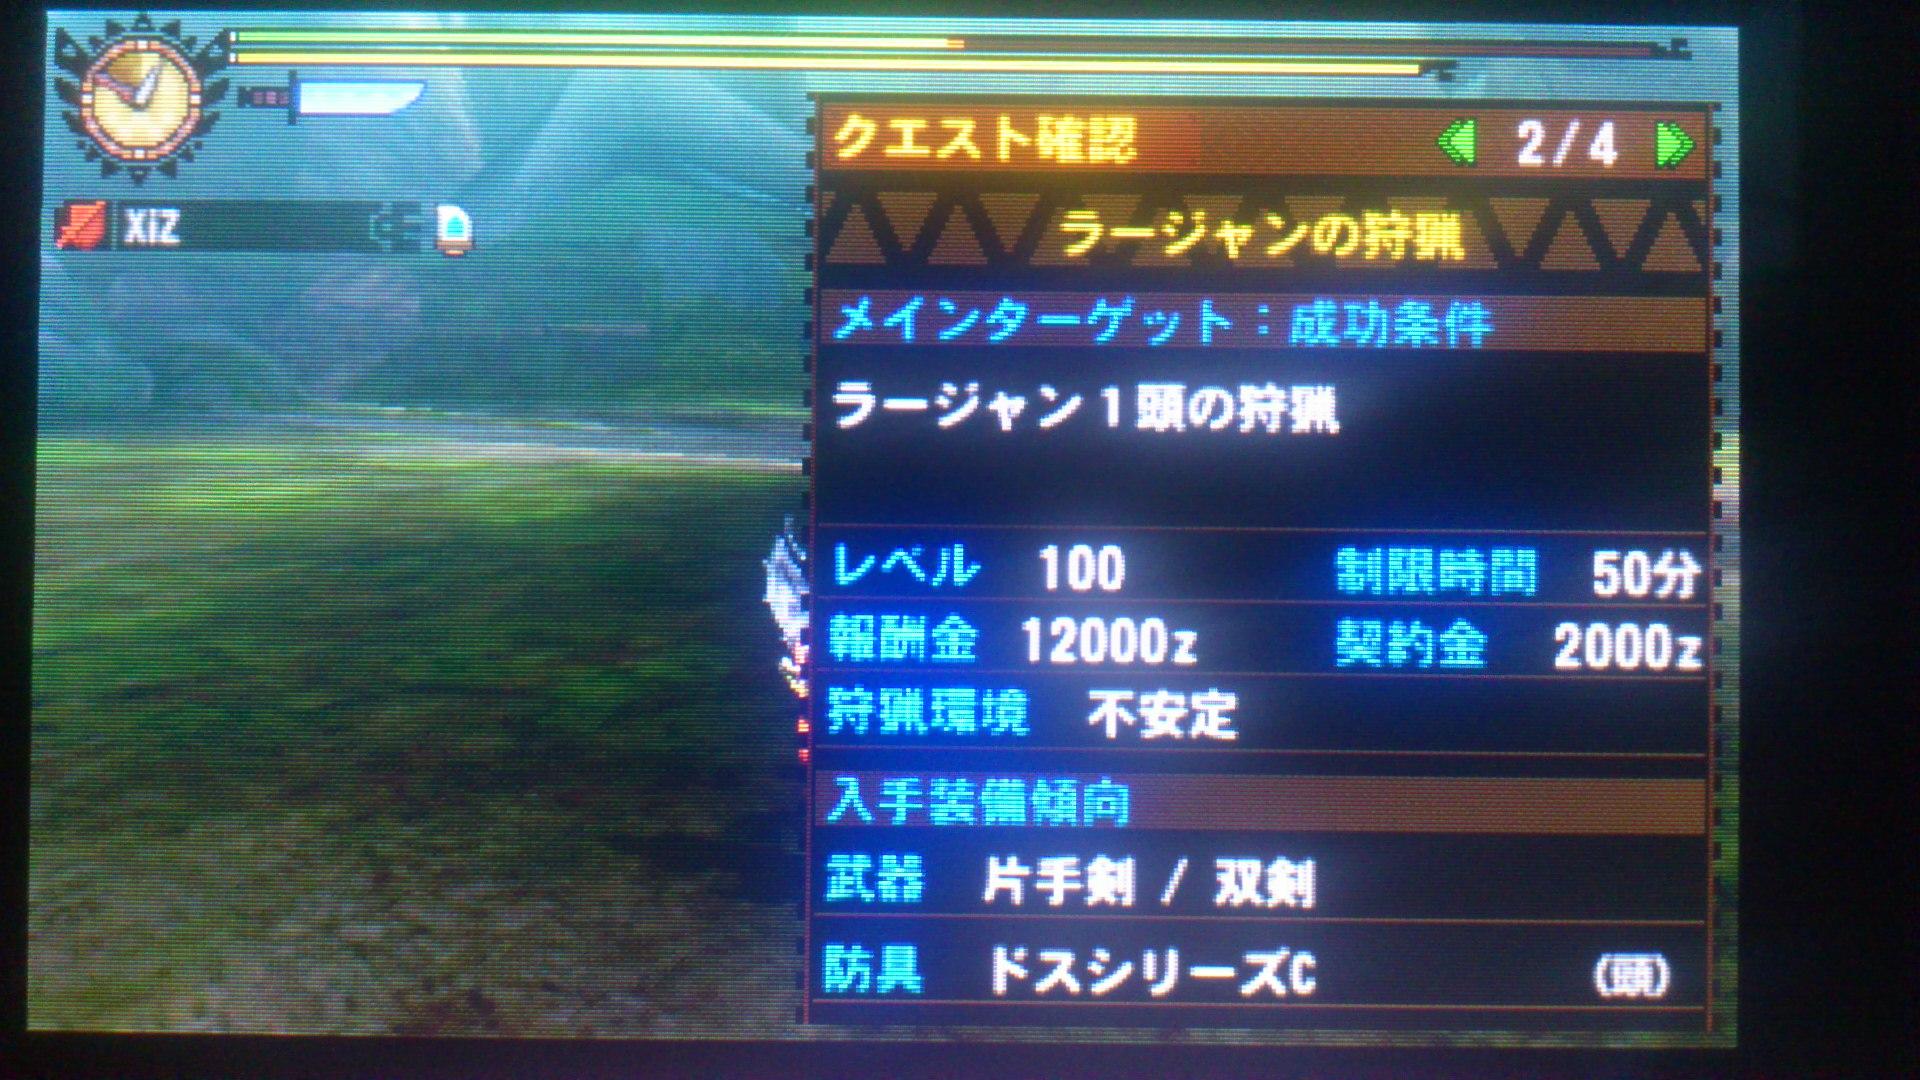 100ラー 片手剣 9分55秒クエスト